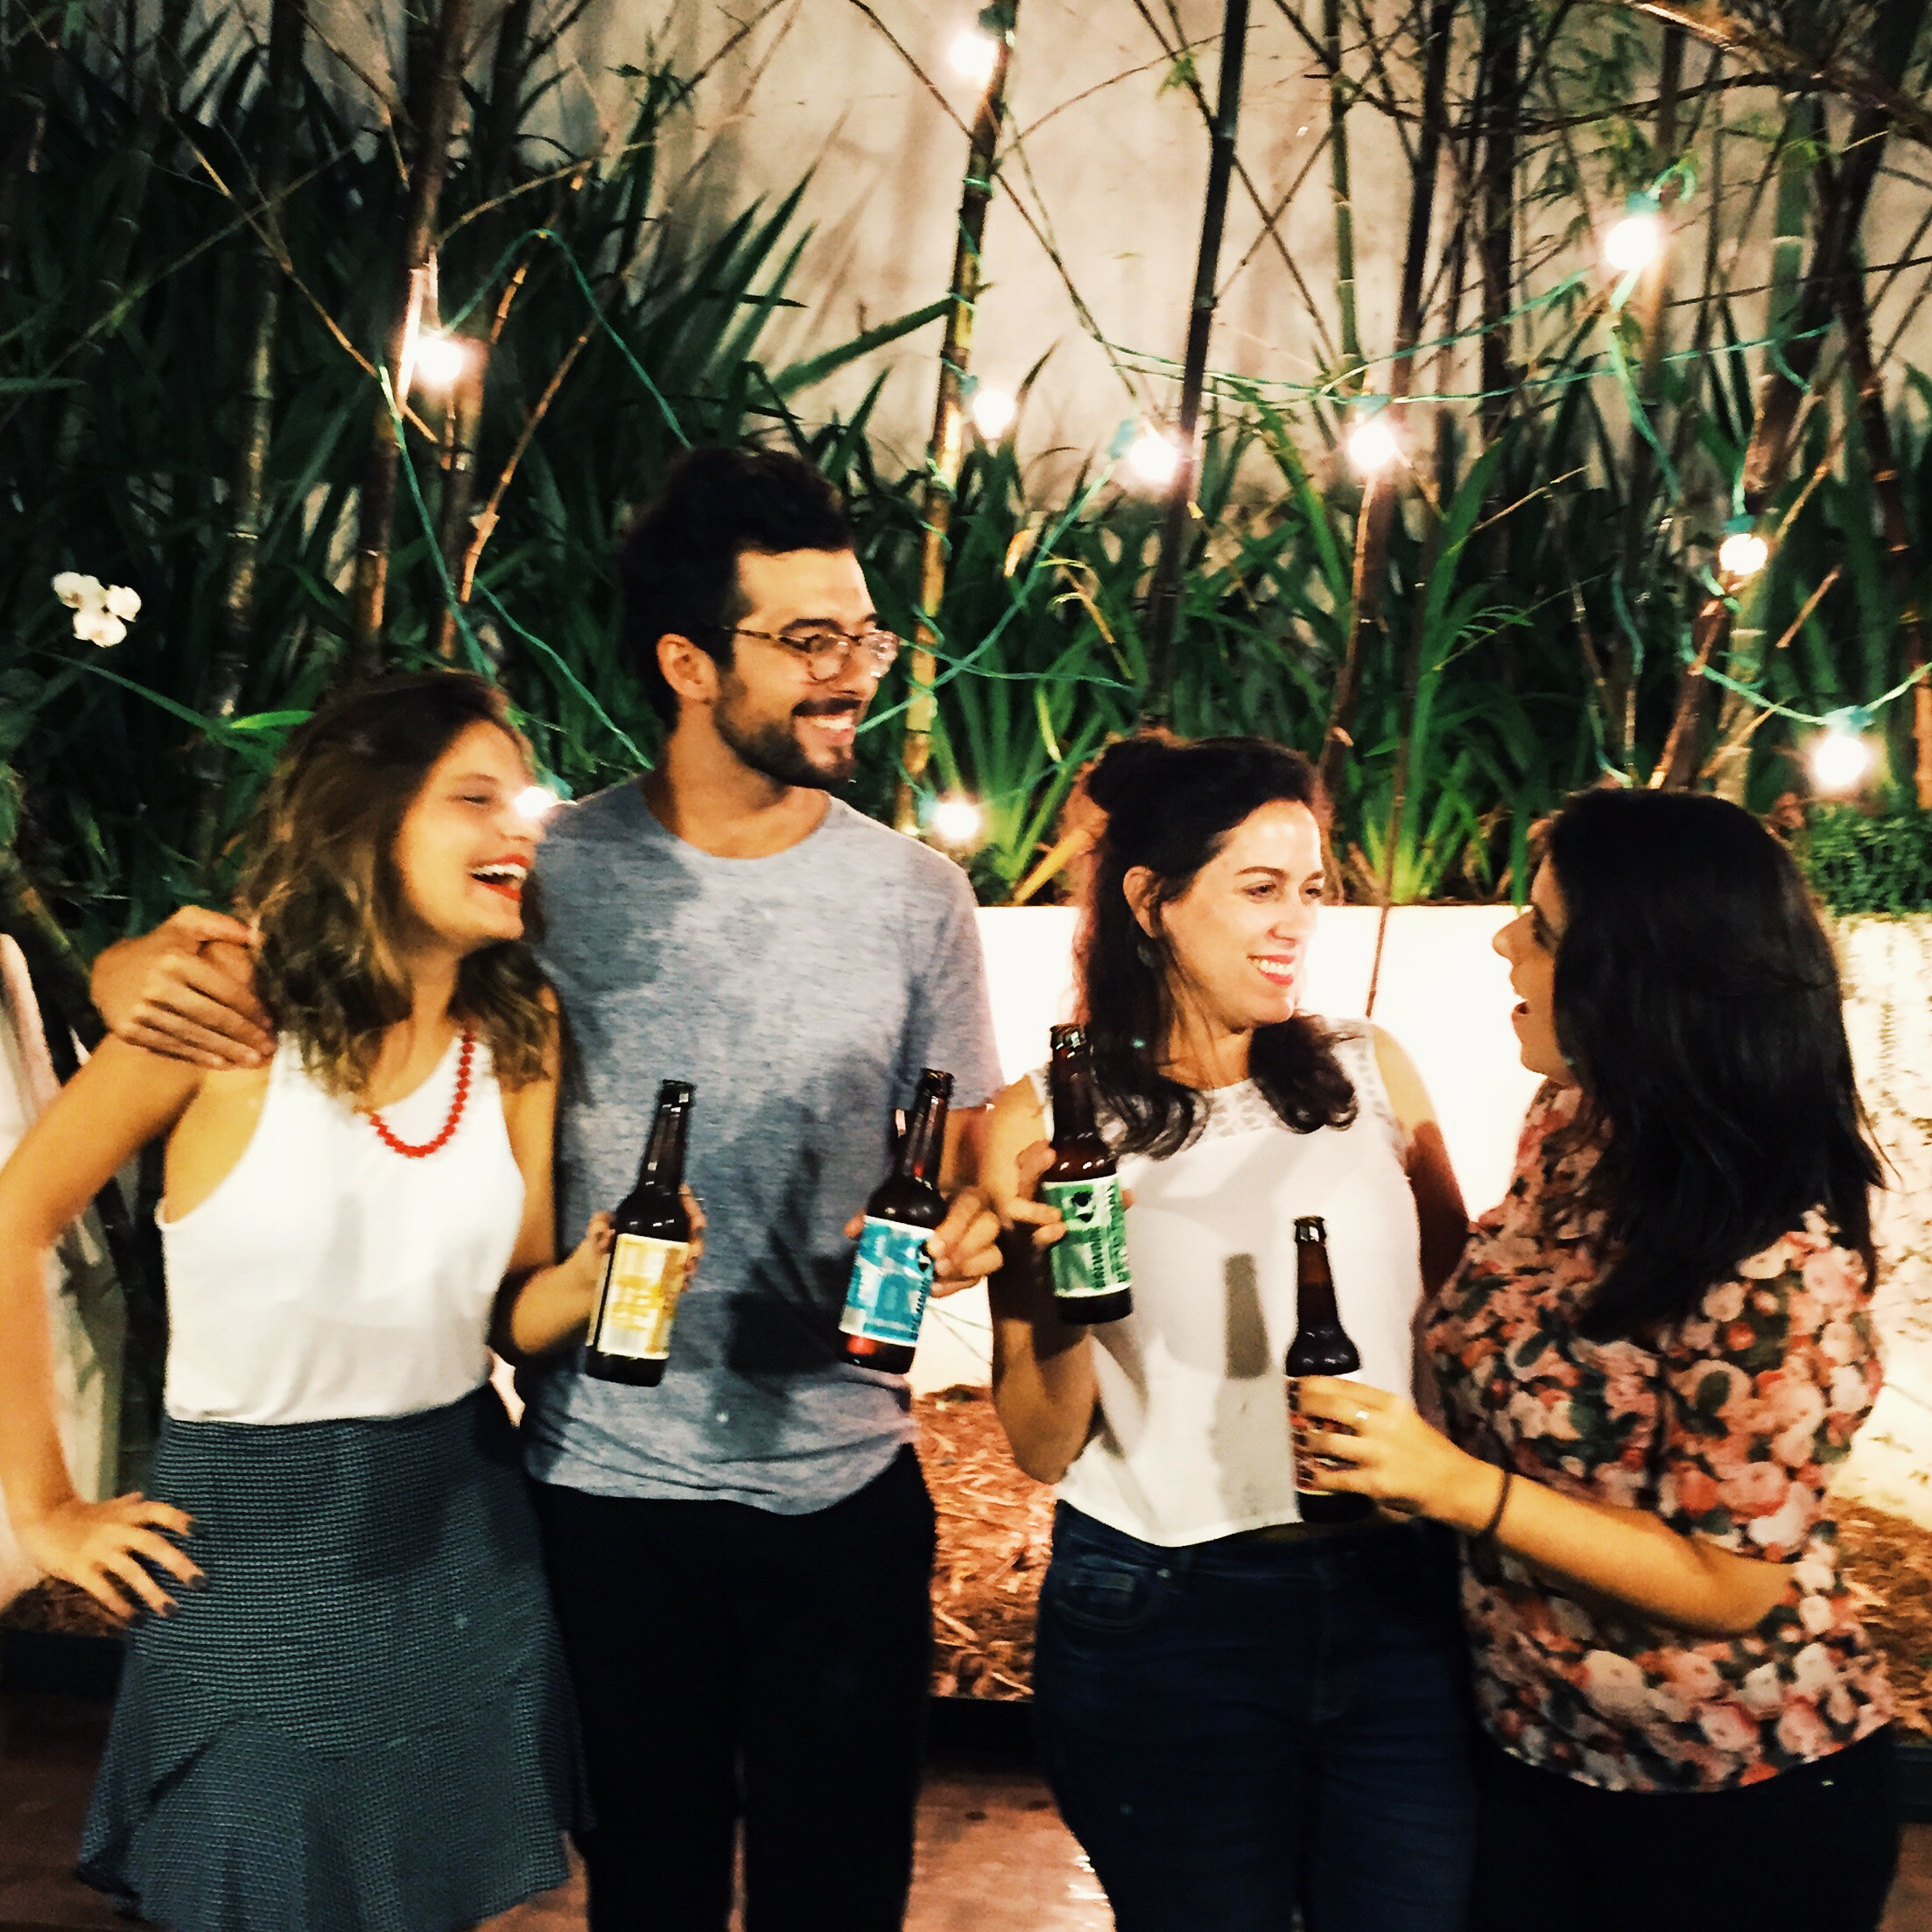 Equipe reunida para brindar os dois anos de Coentro com as cervejas super especiais do  BrewDogBar São Paulo